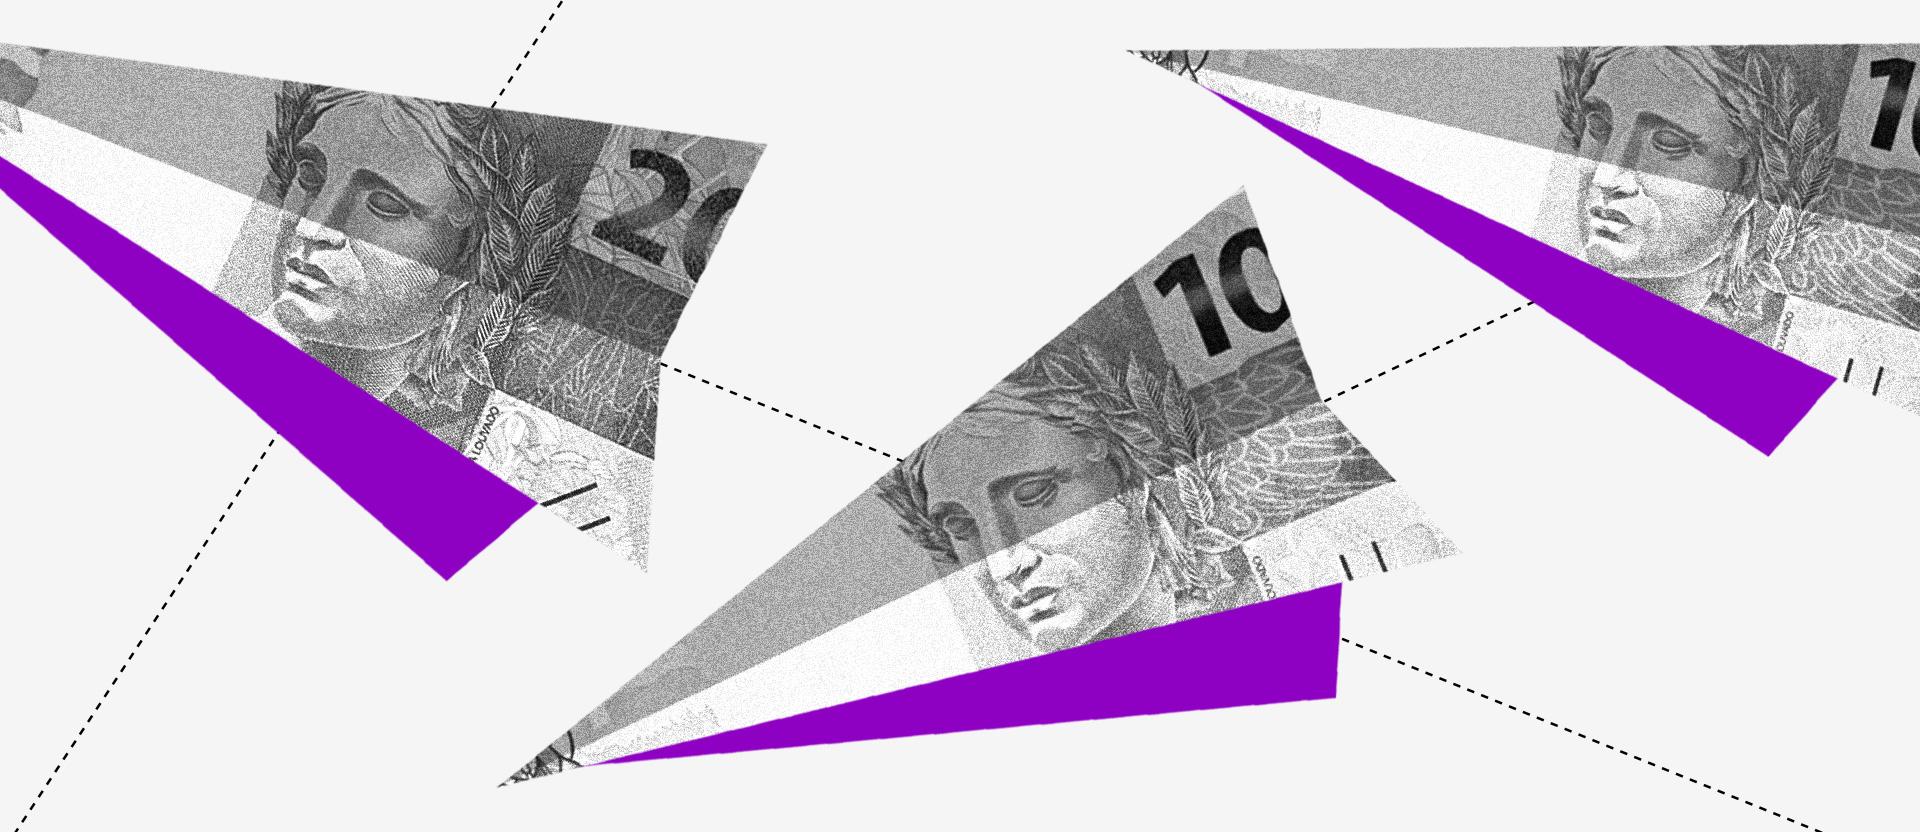 O que é ADR: colagem com diversos aviões de papel feitos, em tons de preto e branco e roxo, com notas de R$ 10 e R$ 20.